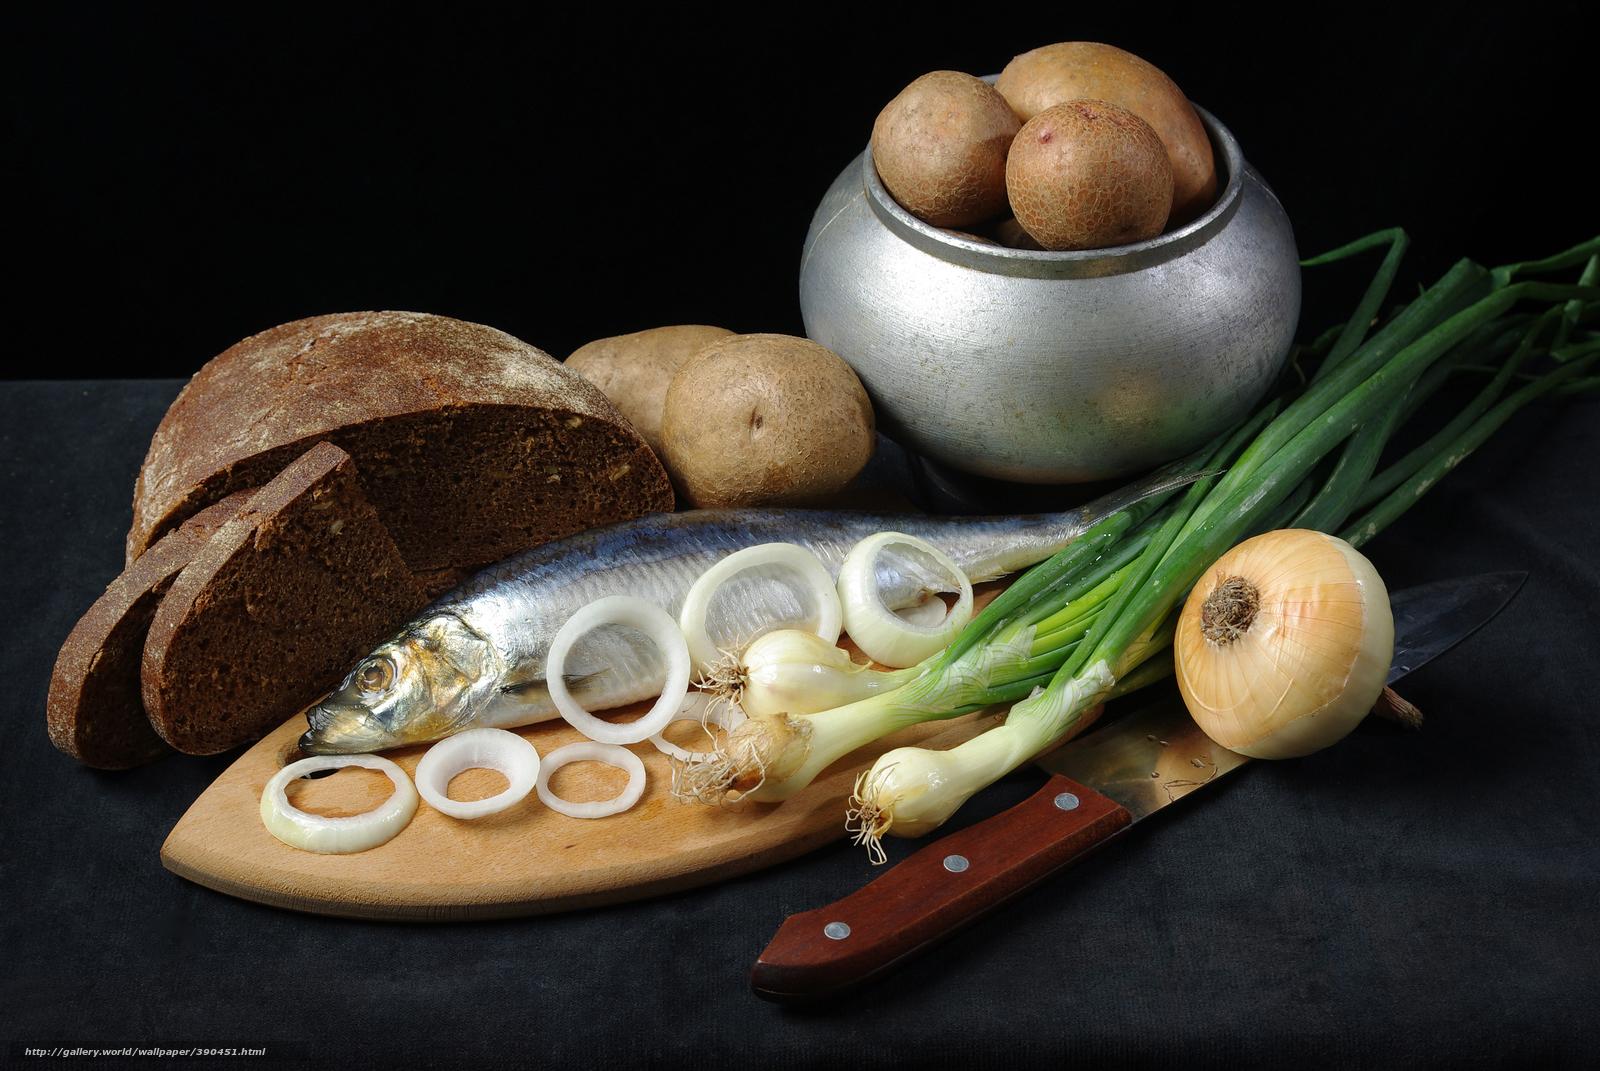 Скачать обои картошка,  горшочек,  селёдка,  лук бесплатно для рабочего стола в разрешении 8844x5920 — картинка №390451